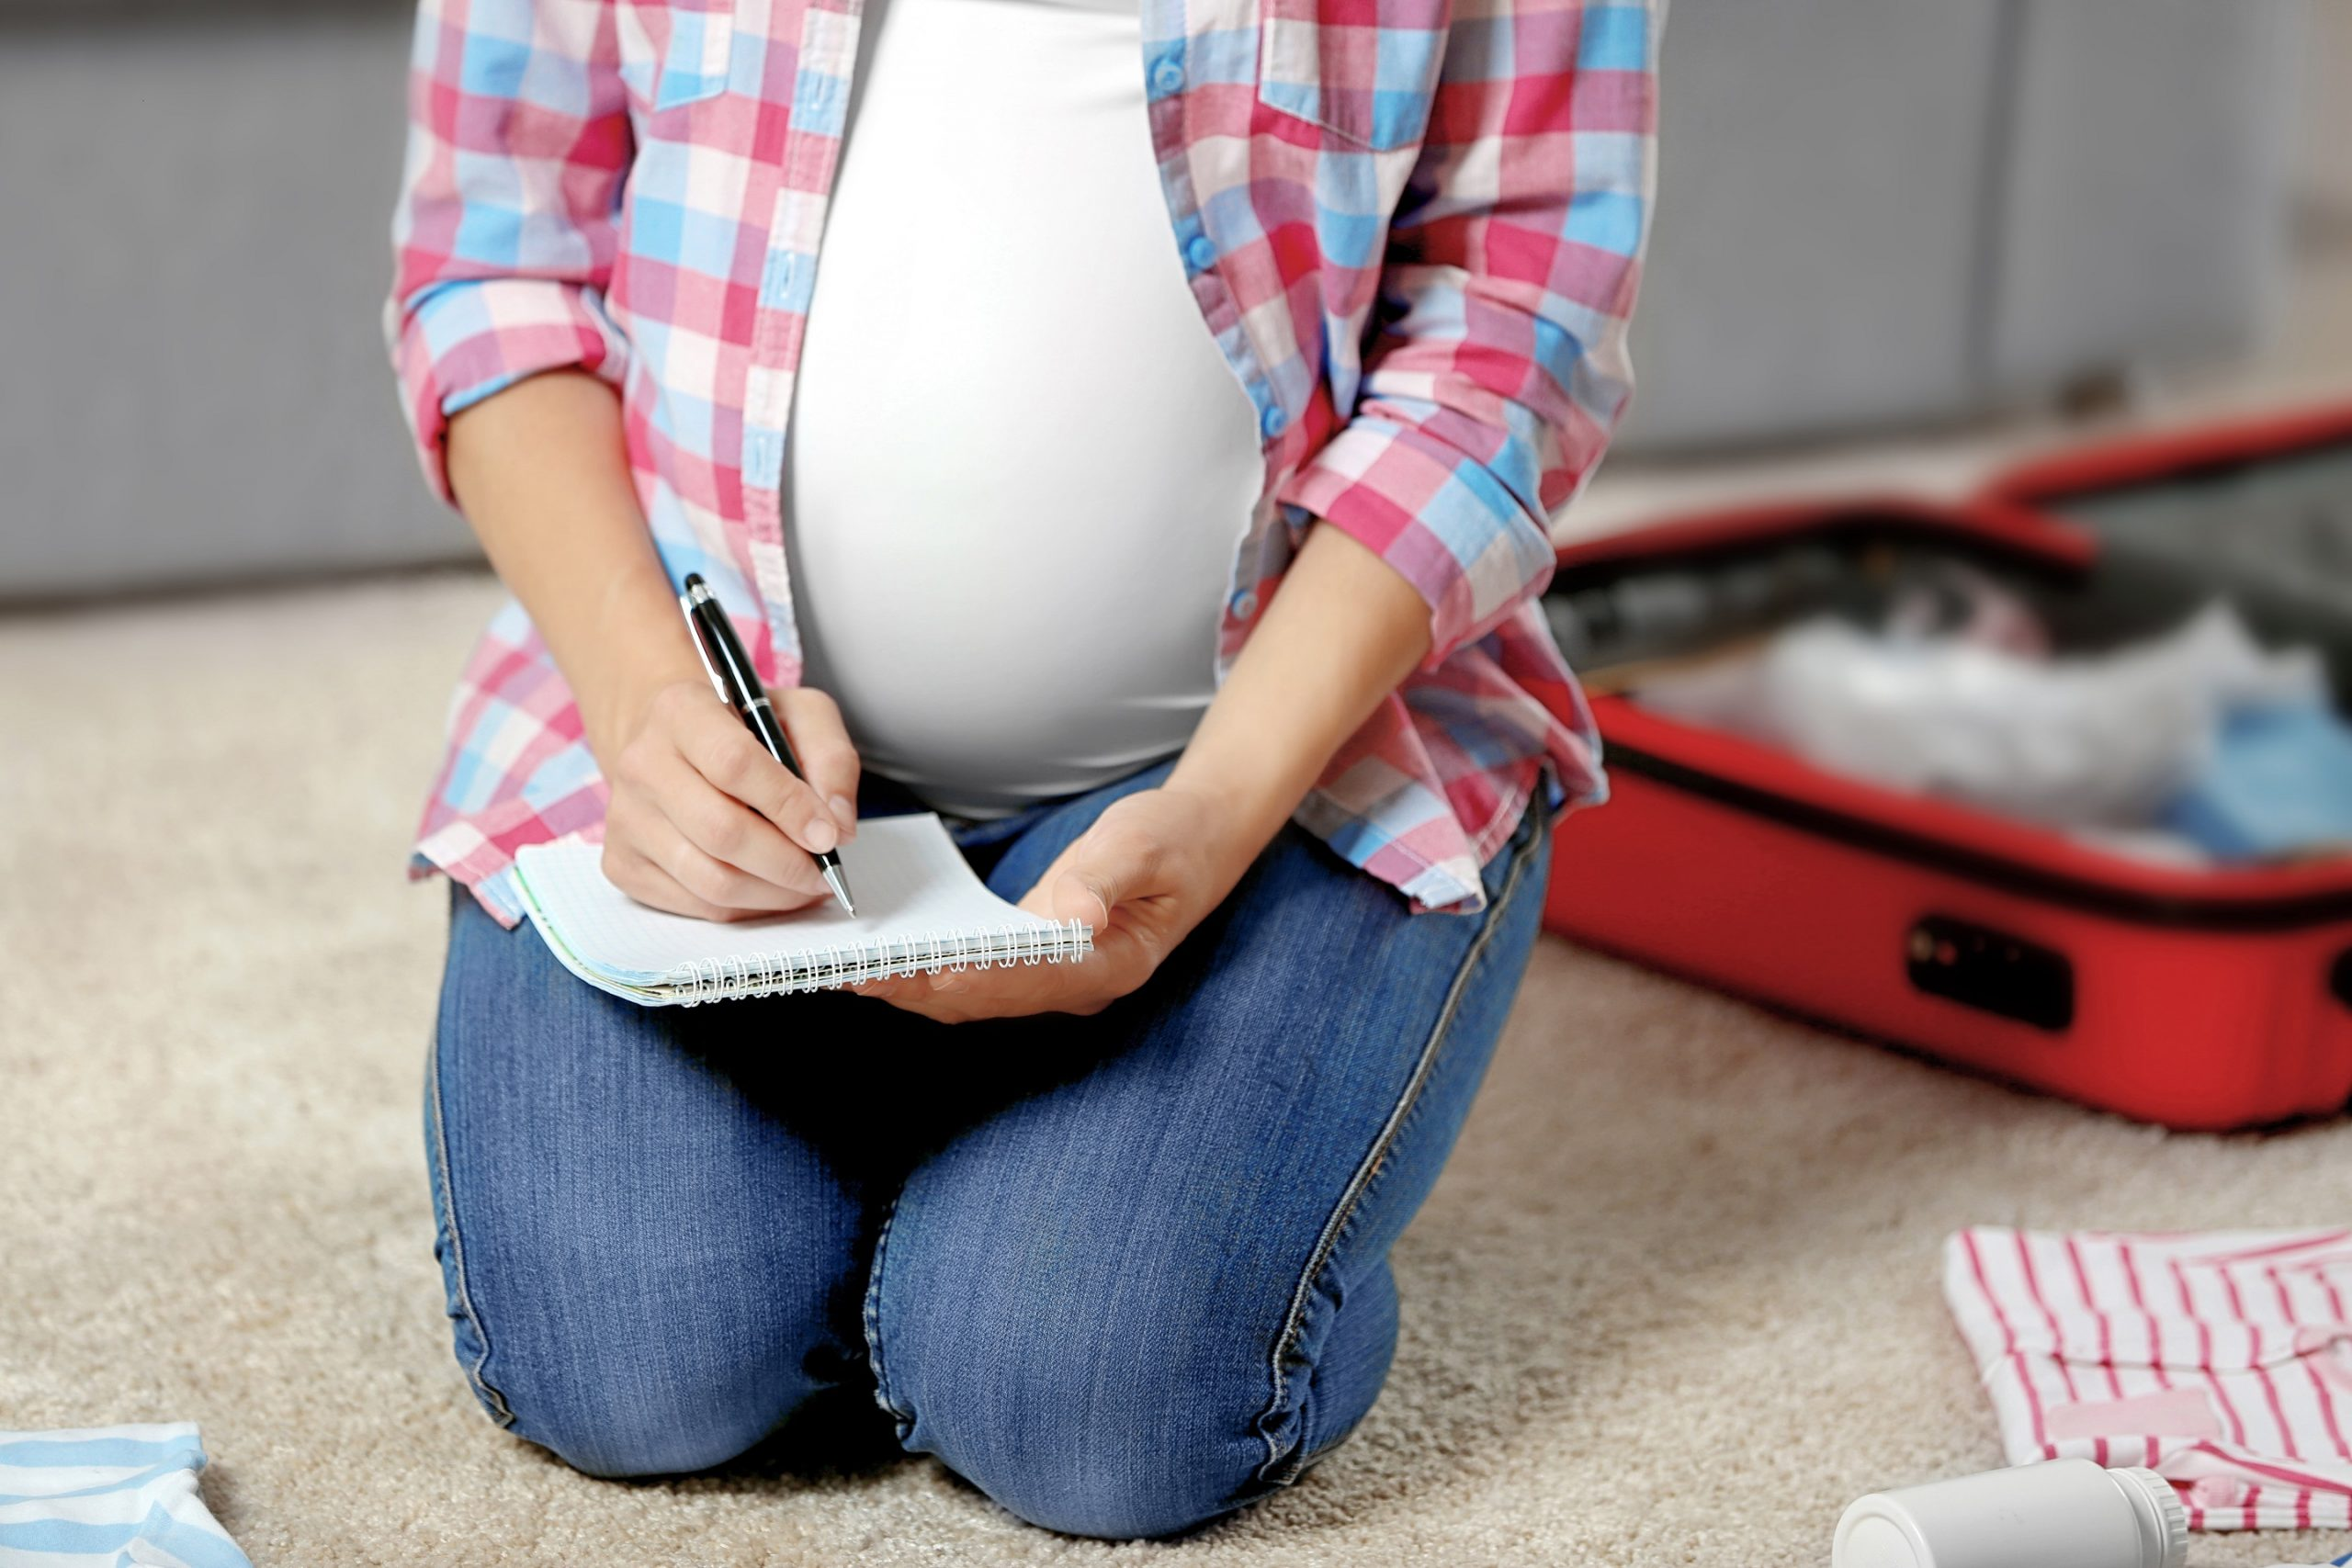 Quando arrumar a mala da maternidade?